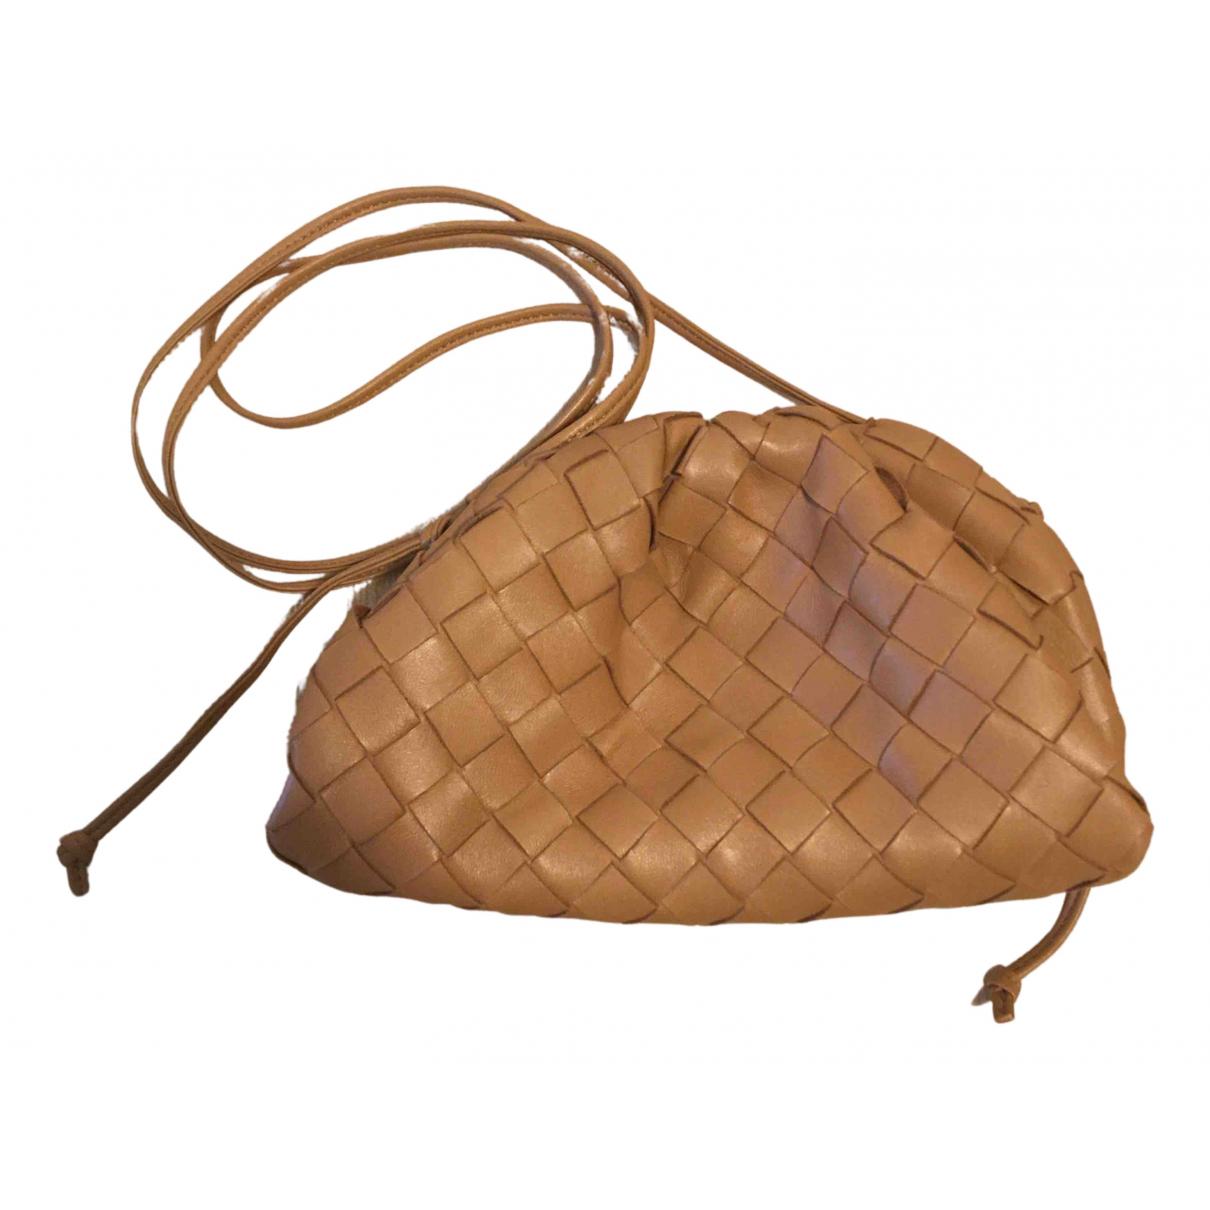 Bottega Veneta Pouch Camel Leather handbag for Women N